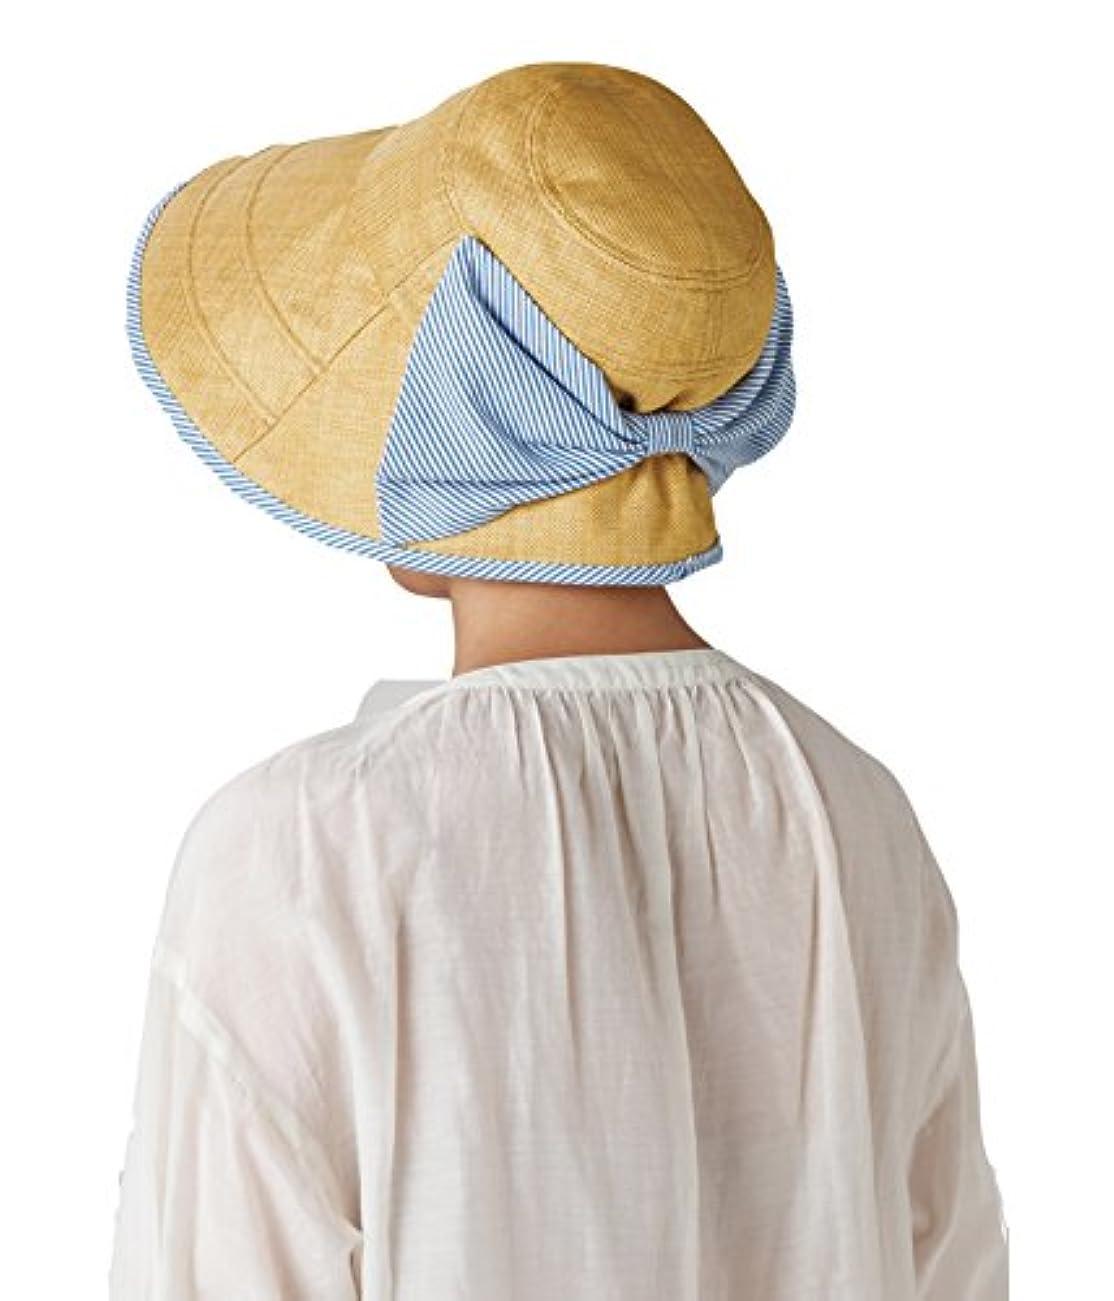 定常状態ラッカスセルヴァン 大きなリボンのつば広日よけ帽子 ベージュ